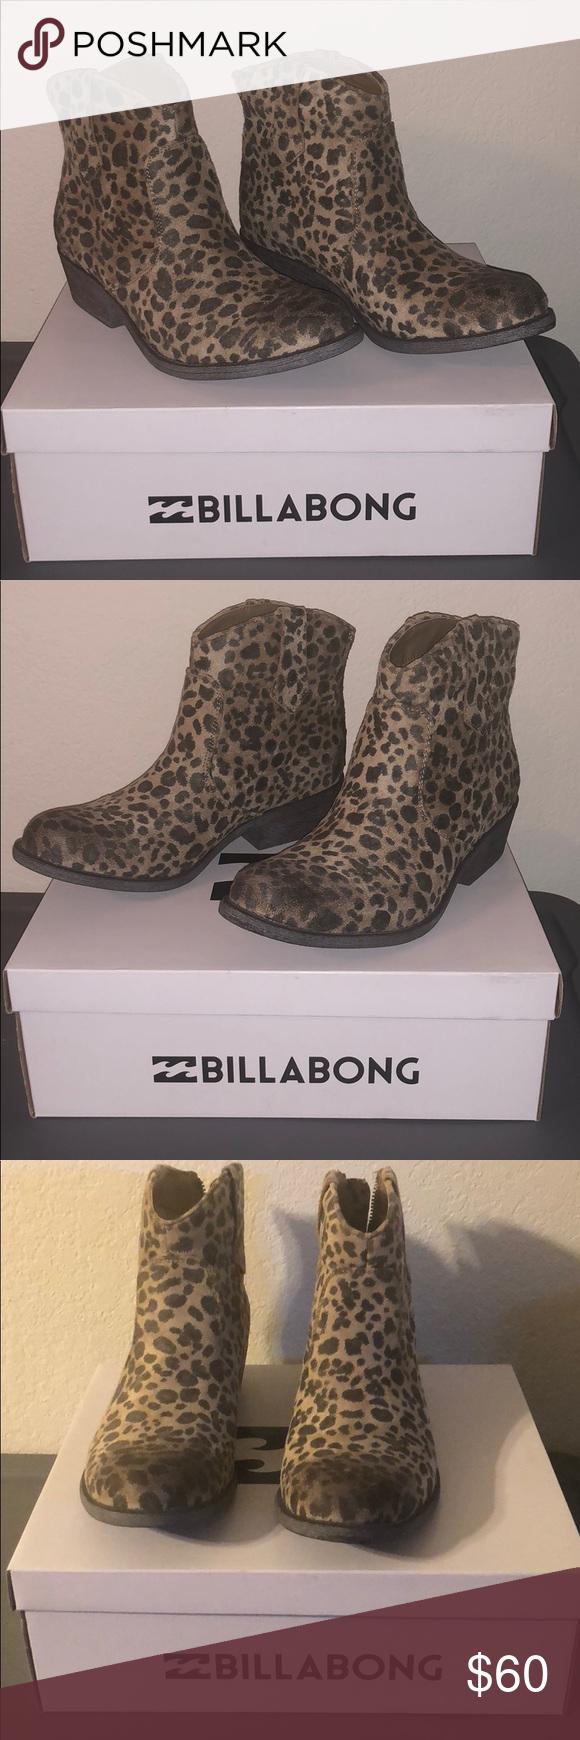 billabong leopard booties